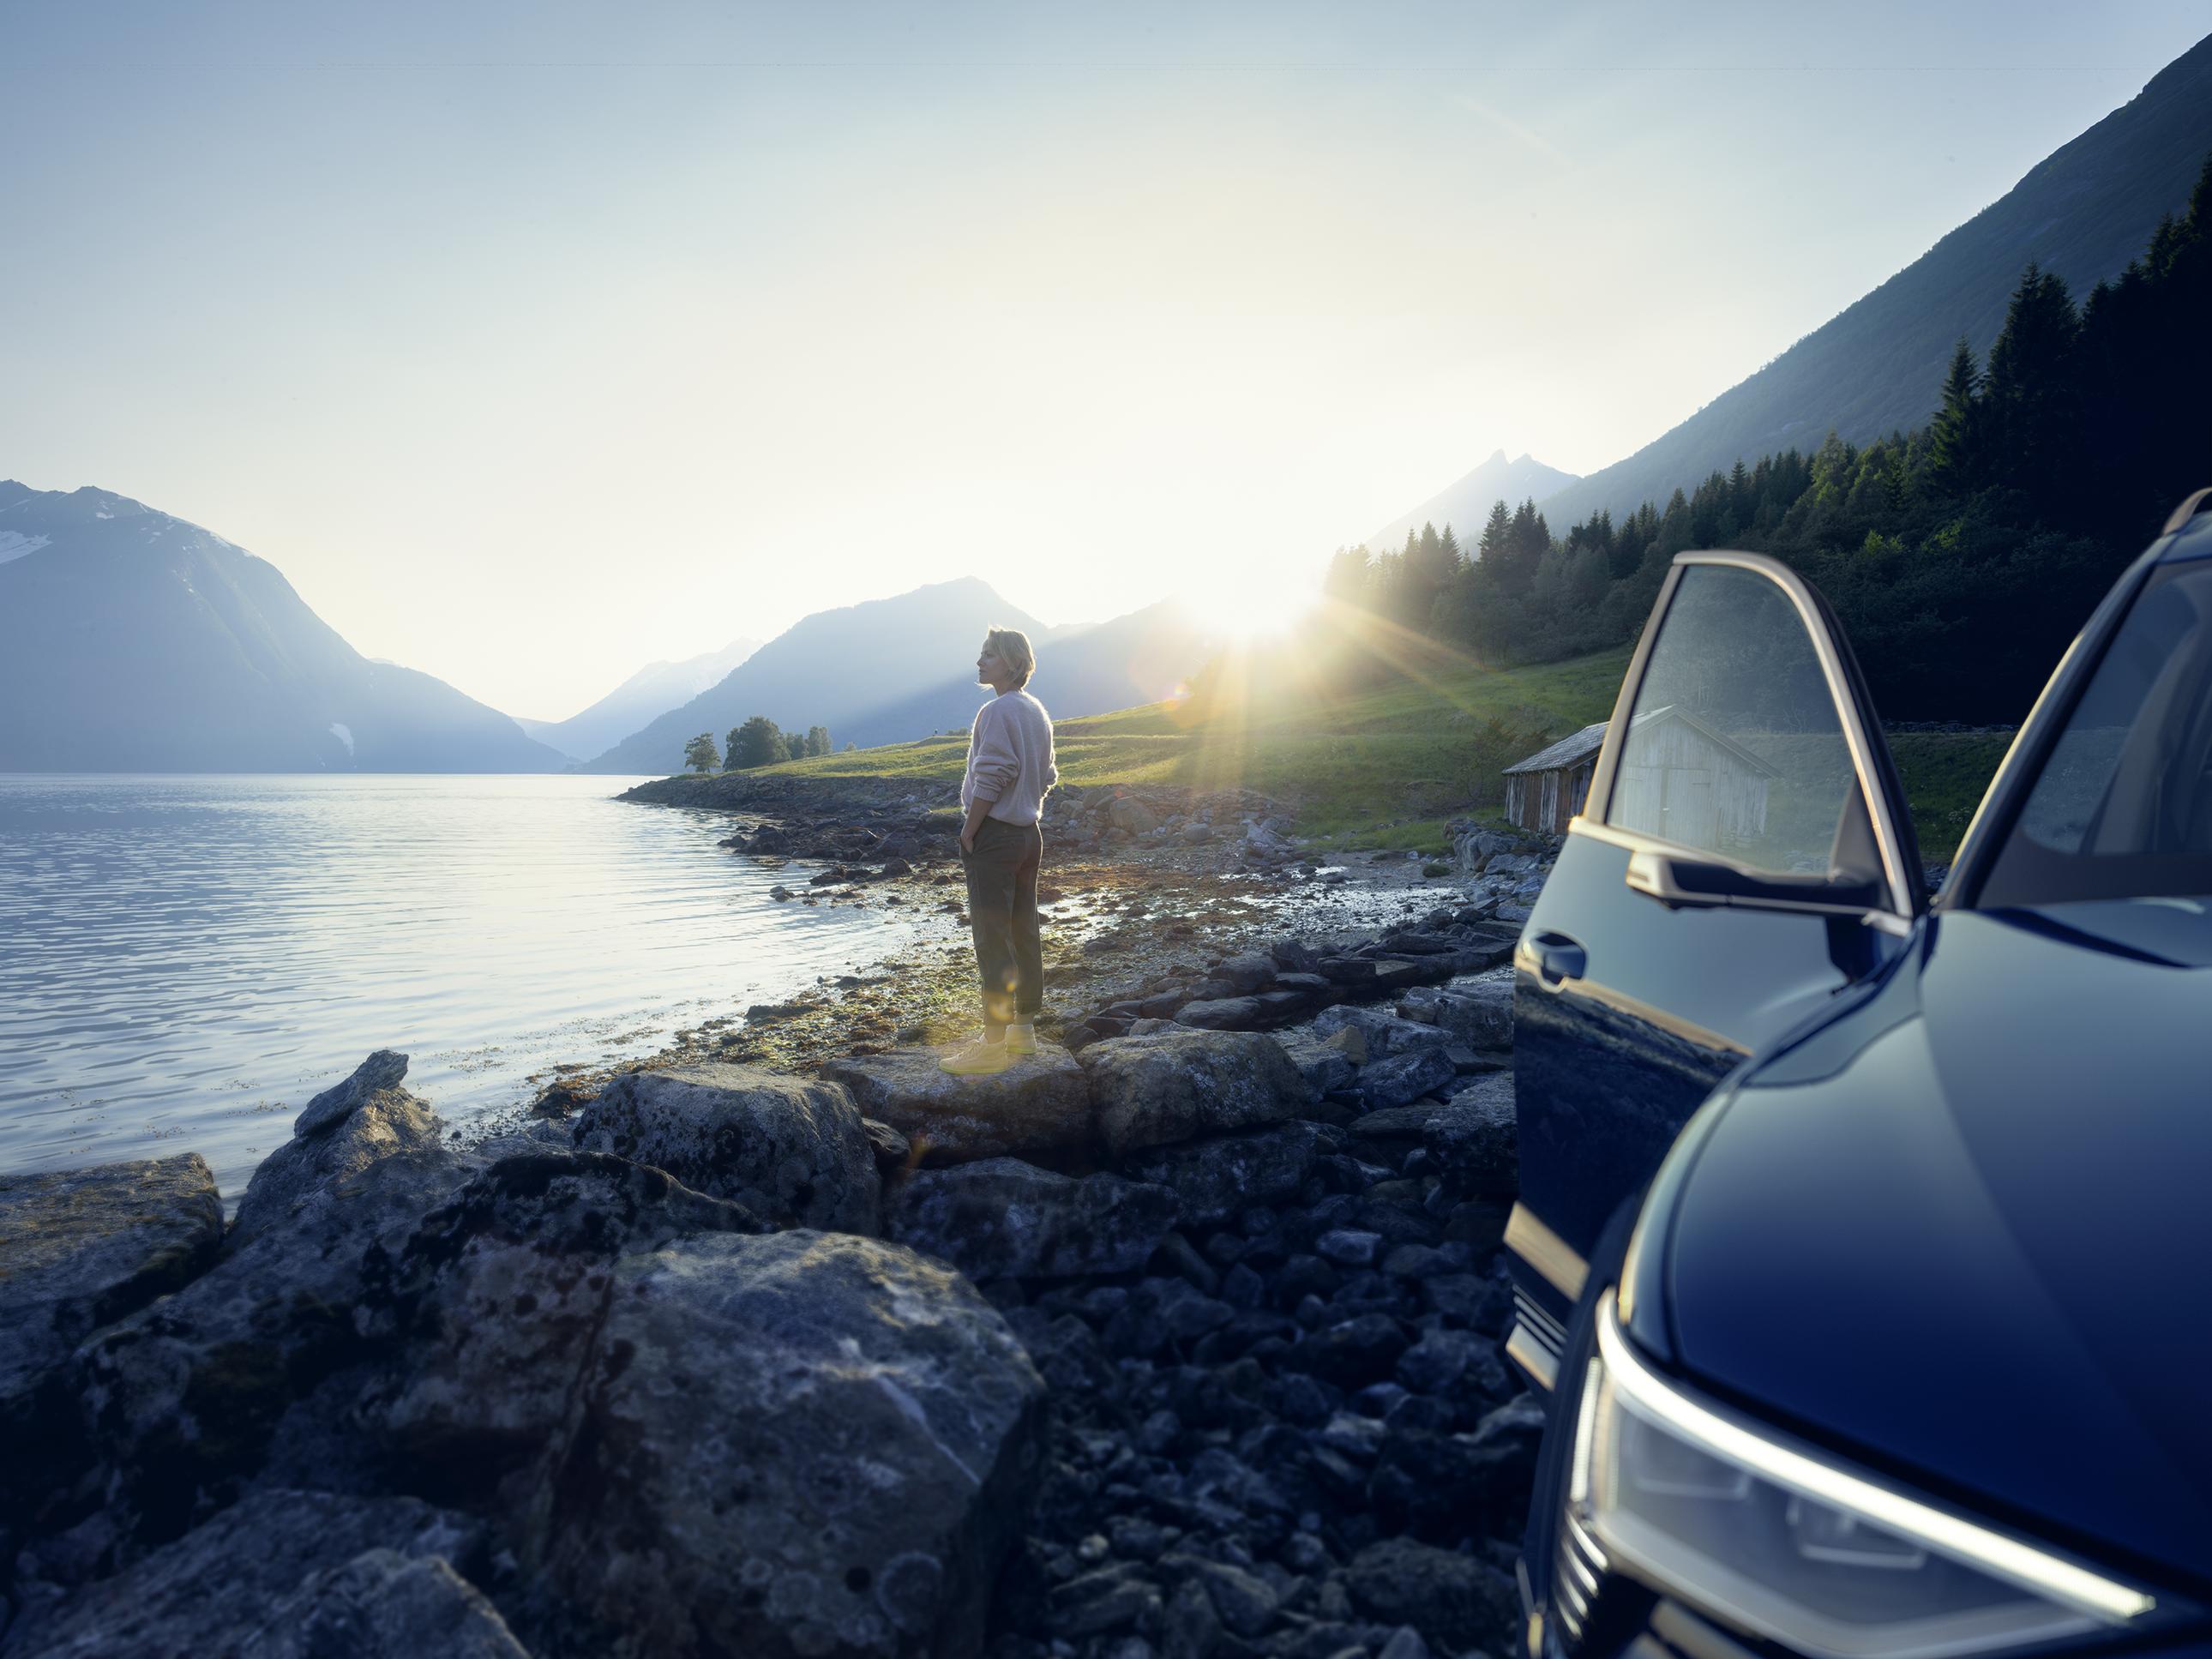 Audi e-tron na robu jezera ob sončnem vzhodu. V ozadju ženska, ki pogleduje čez jezero, ki je tudi na sliki.